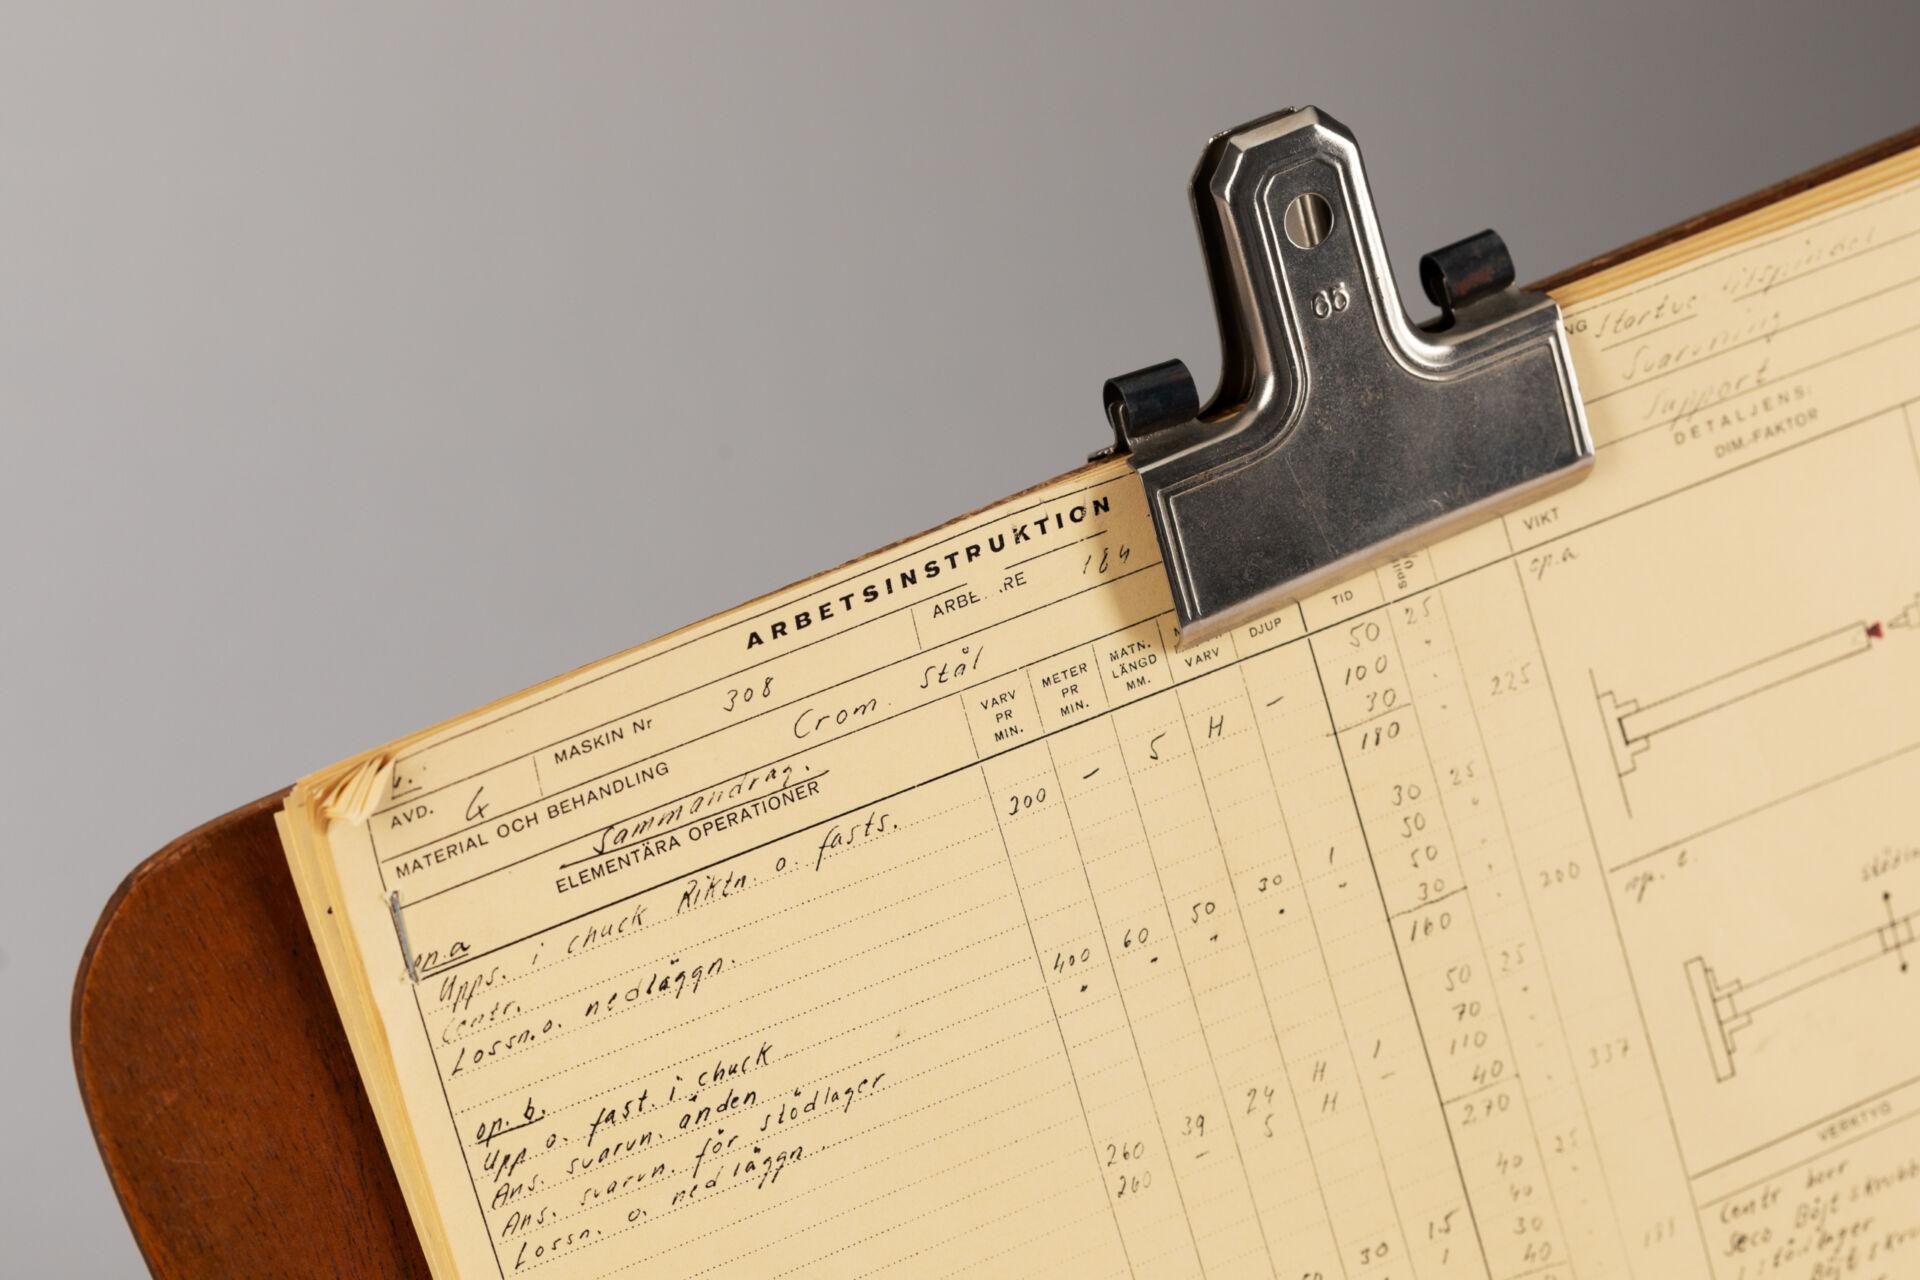 Tidsstudiebräda på metallarm. Inklusive tidsstudieblanketter fastsatta med pappersklämma. För tidsstudier vid varven.